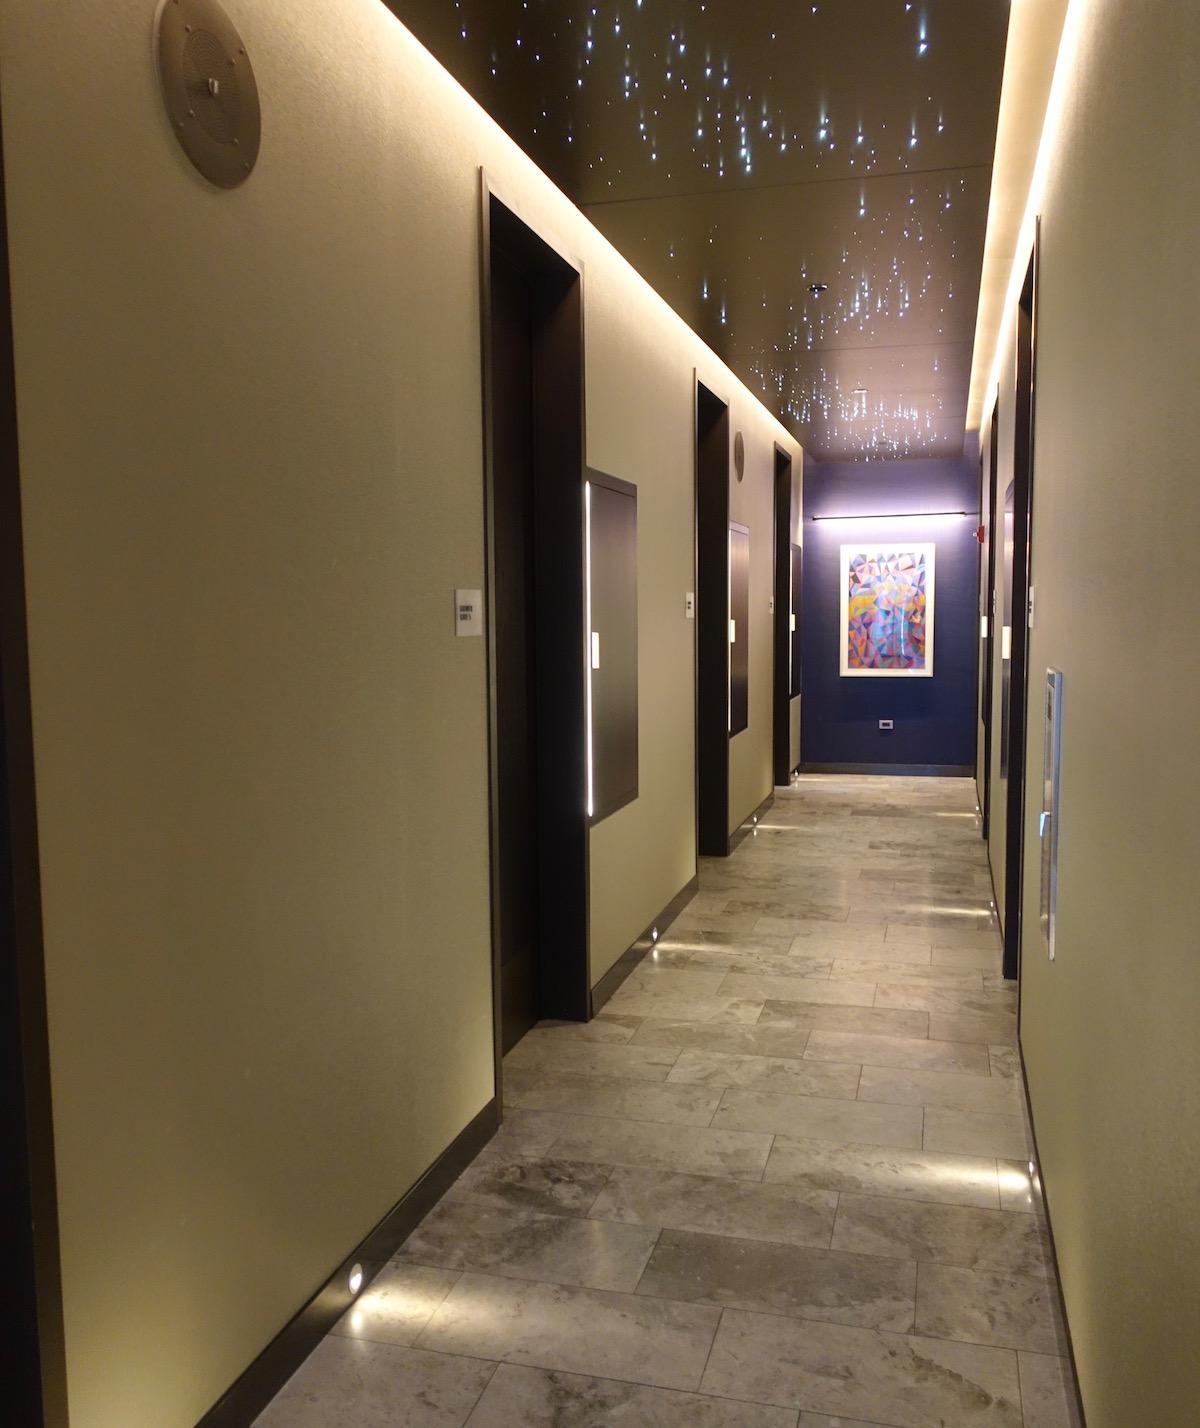 United Polaris Lounge Showers